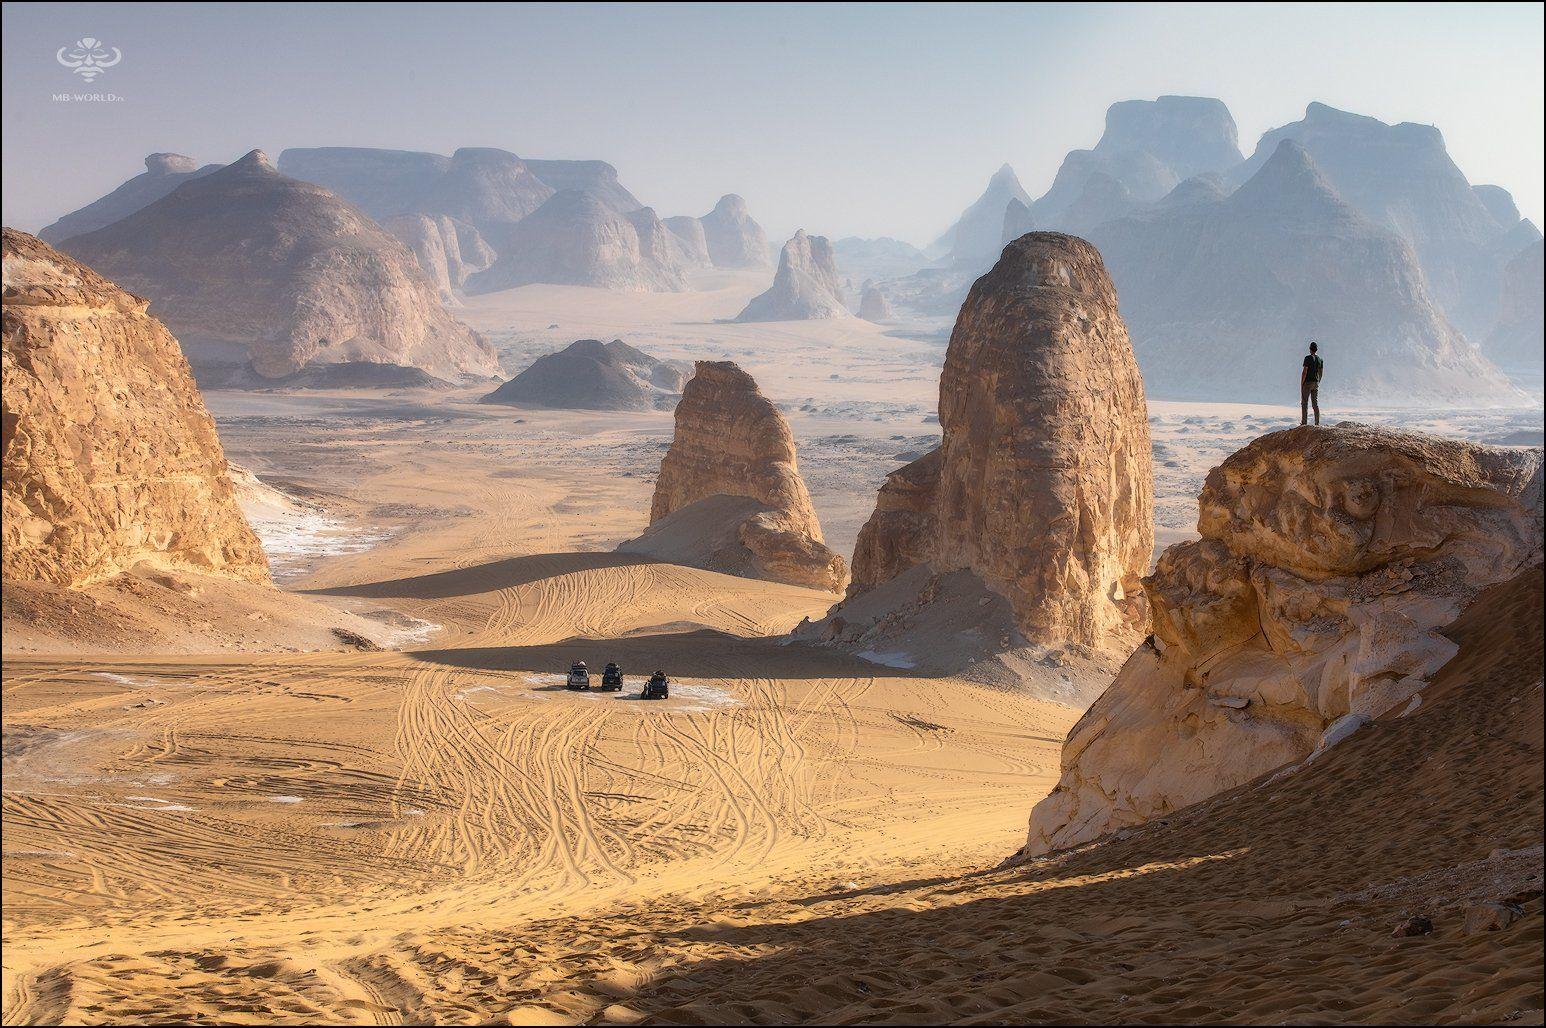 Египет, западная сахара, фототур в пустыню, экспедиция в белую пустыню , Mikhail Vorobyev